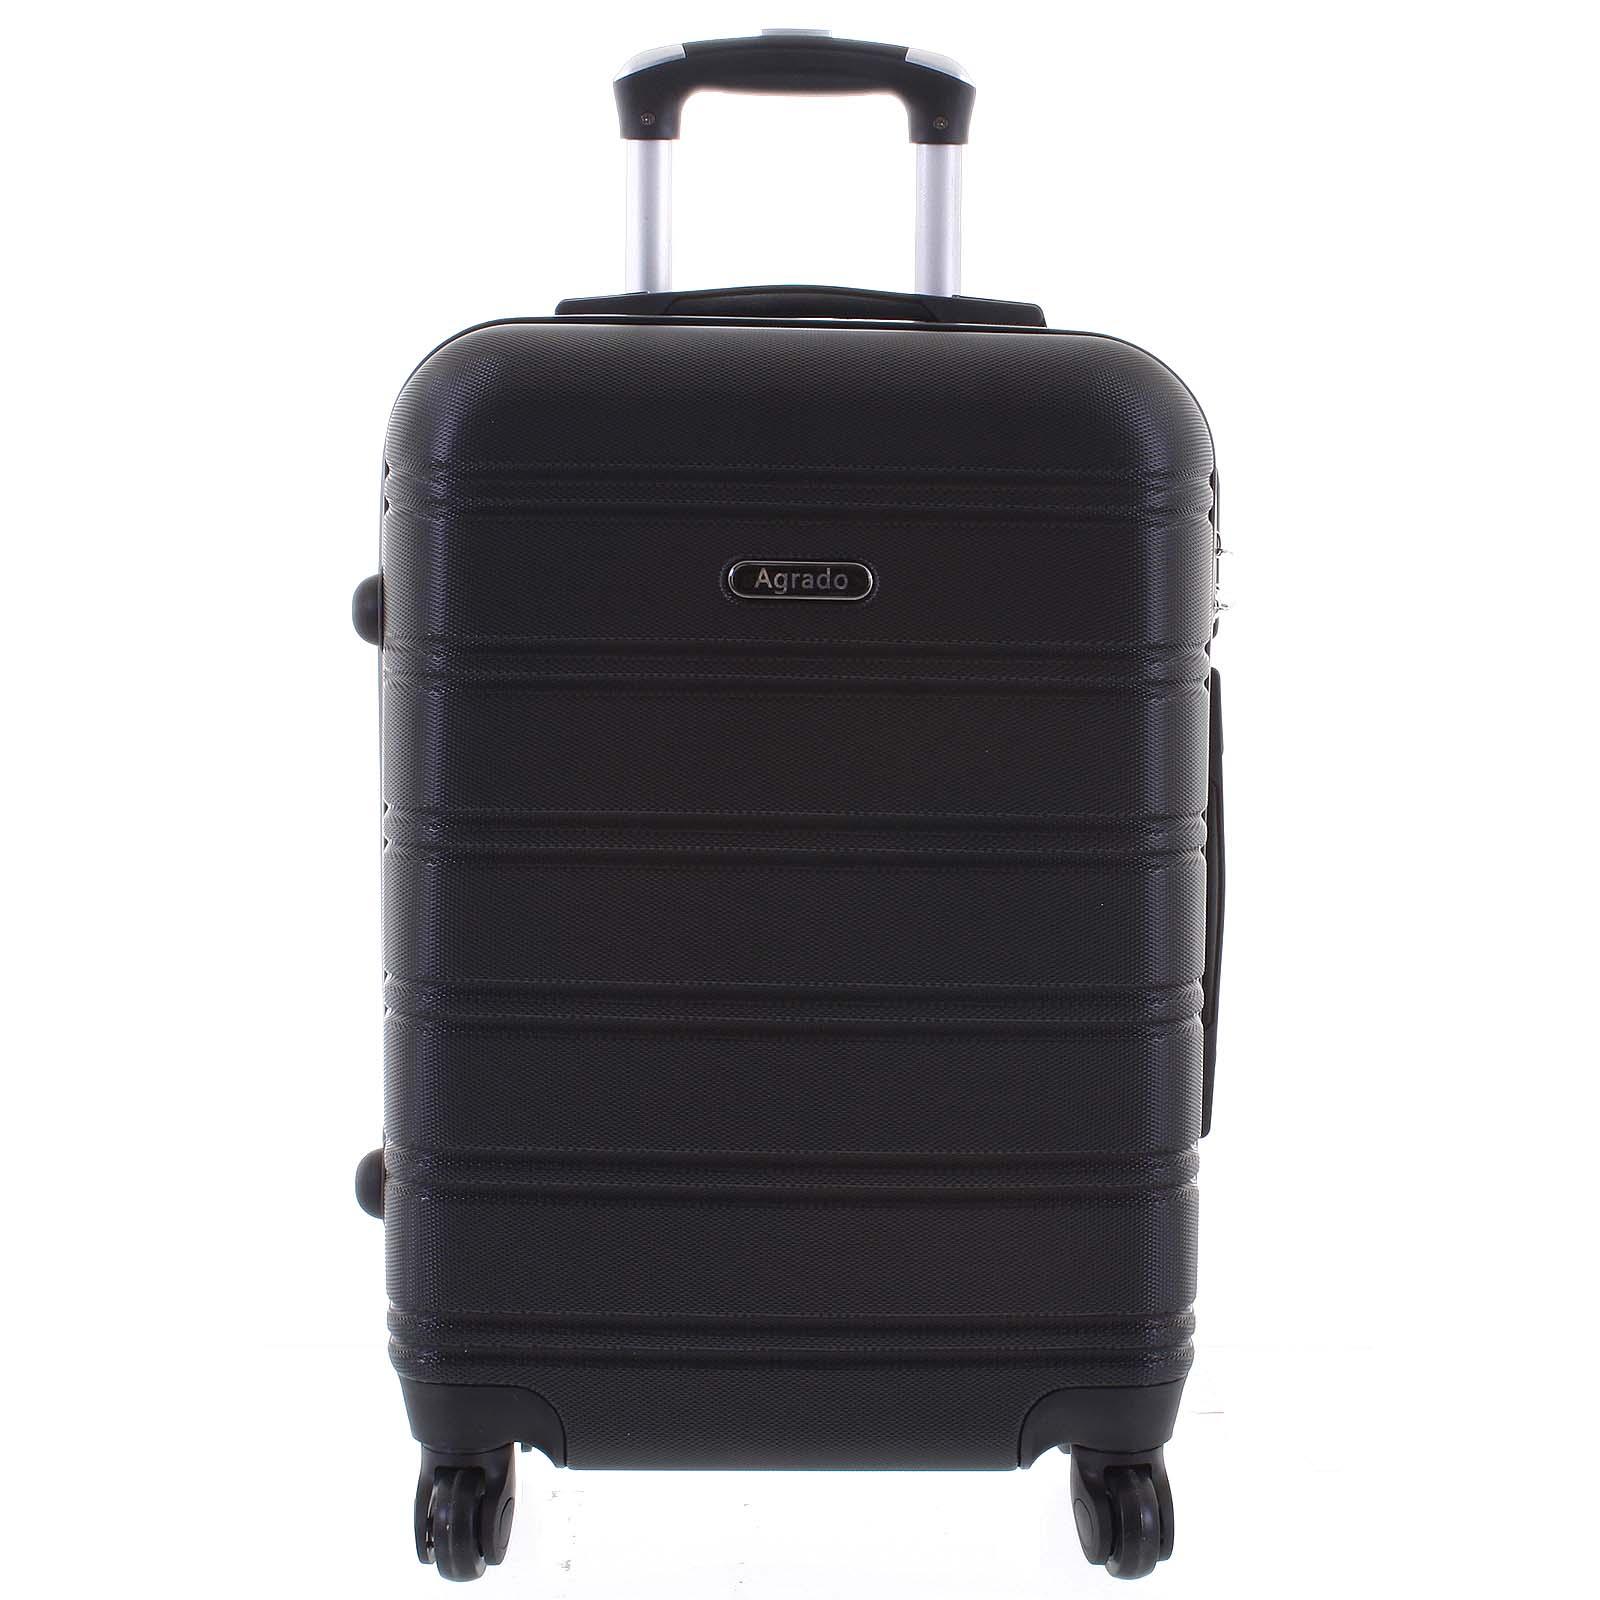 Kvalitní a elegantní pevný černý cestovní kufr - Agrado Michael L